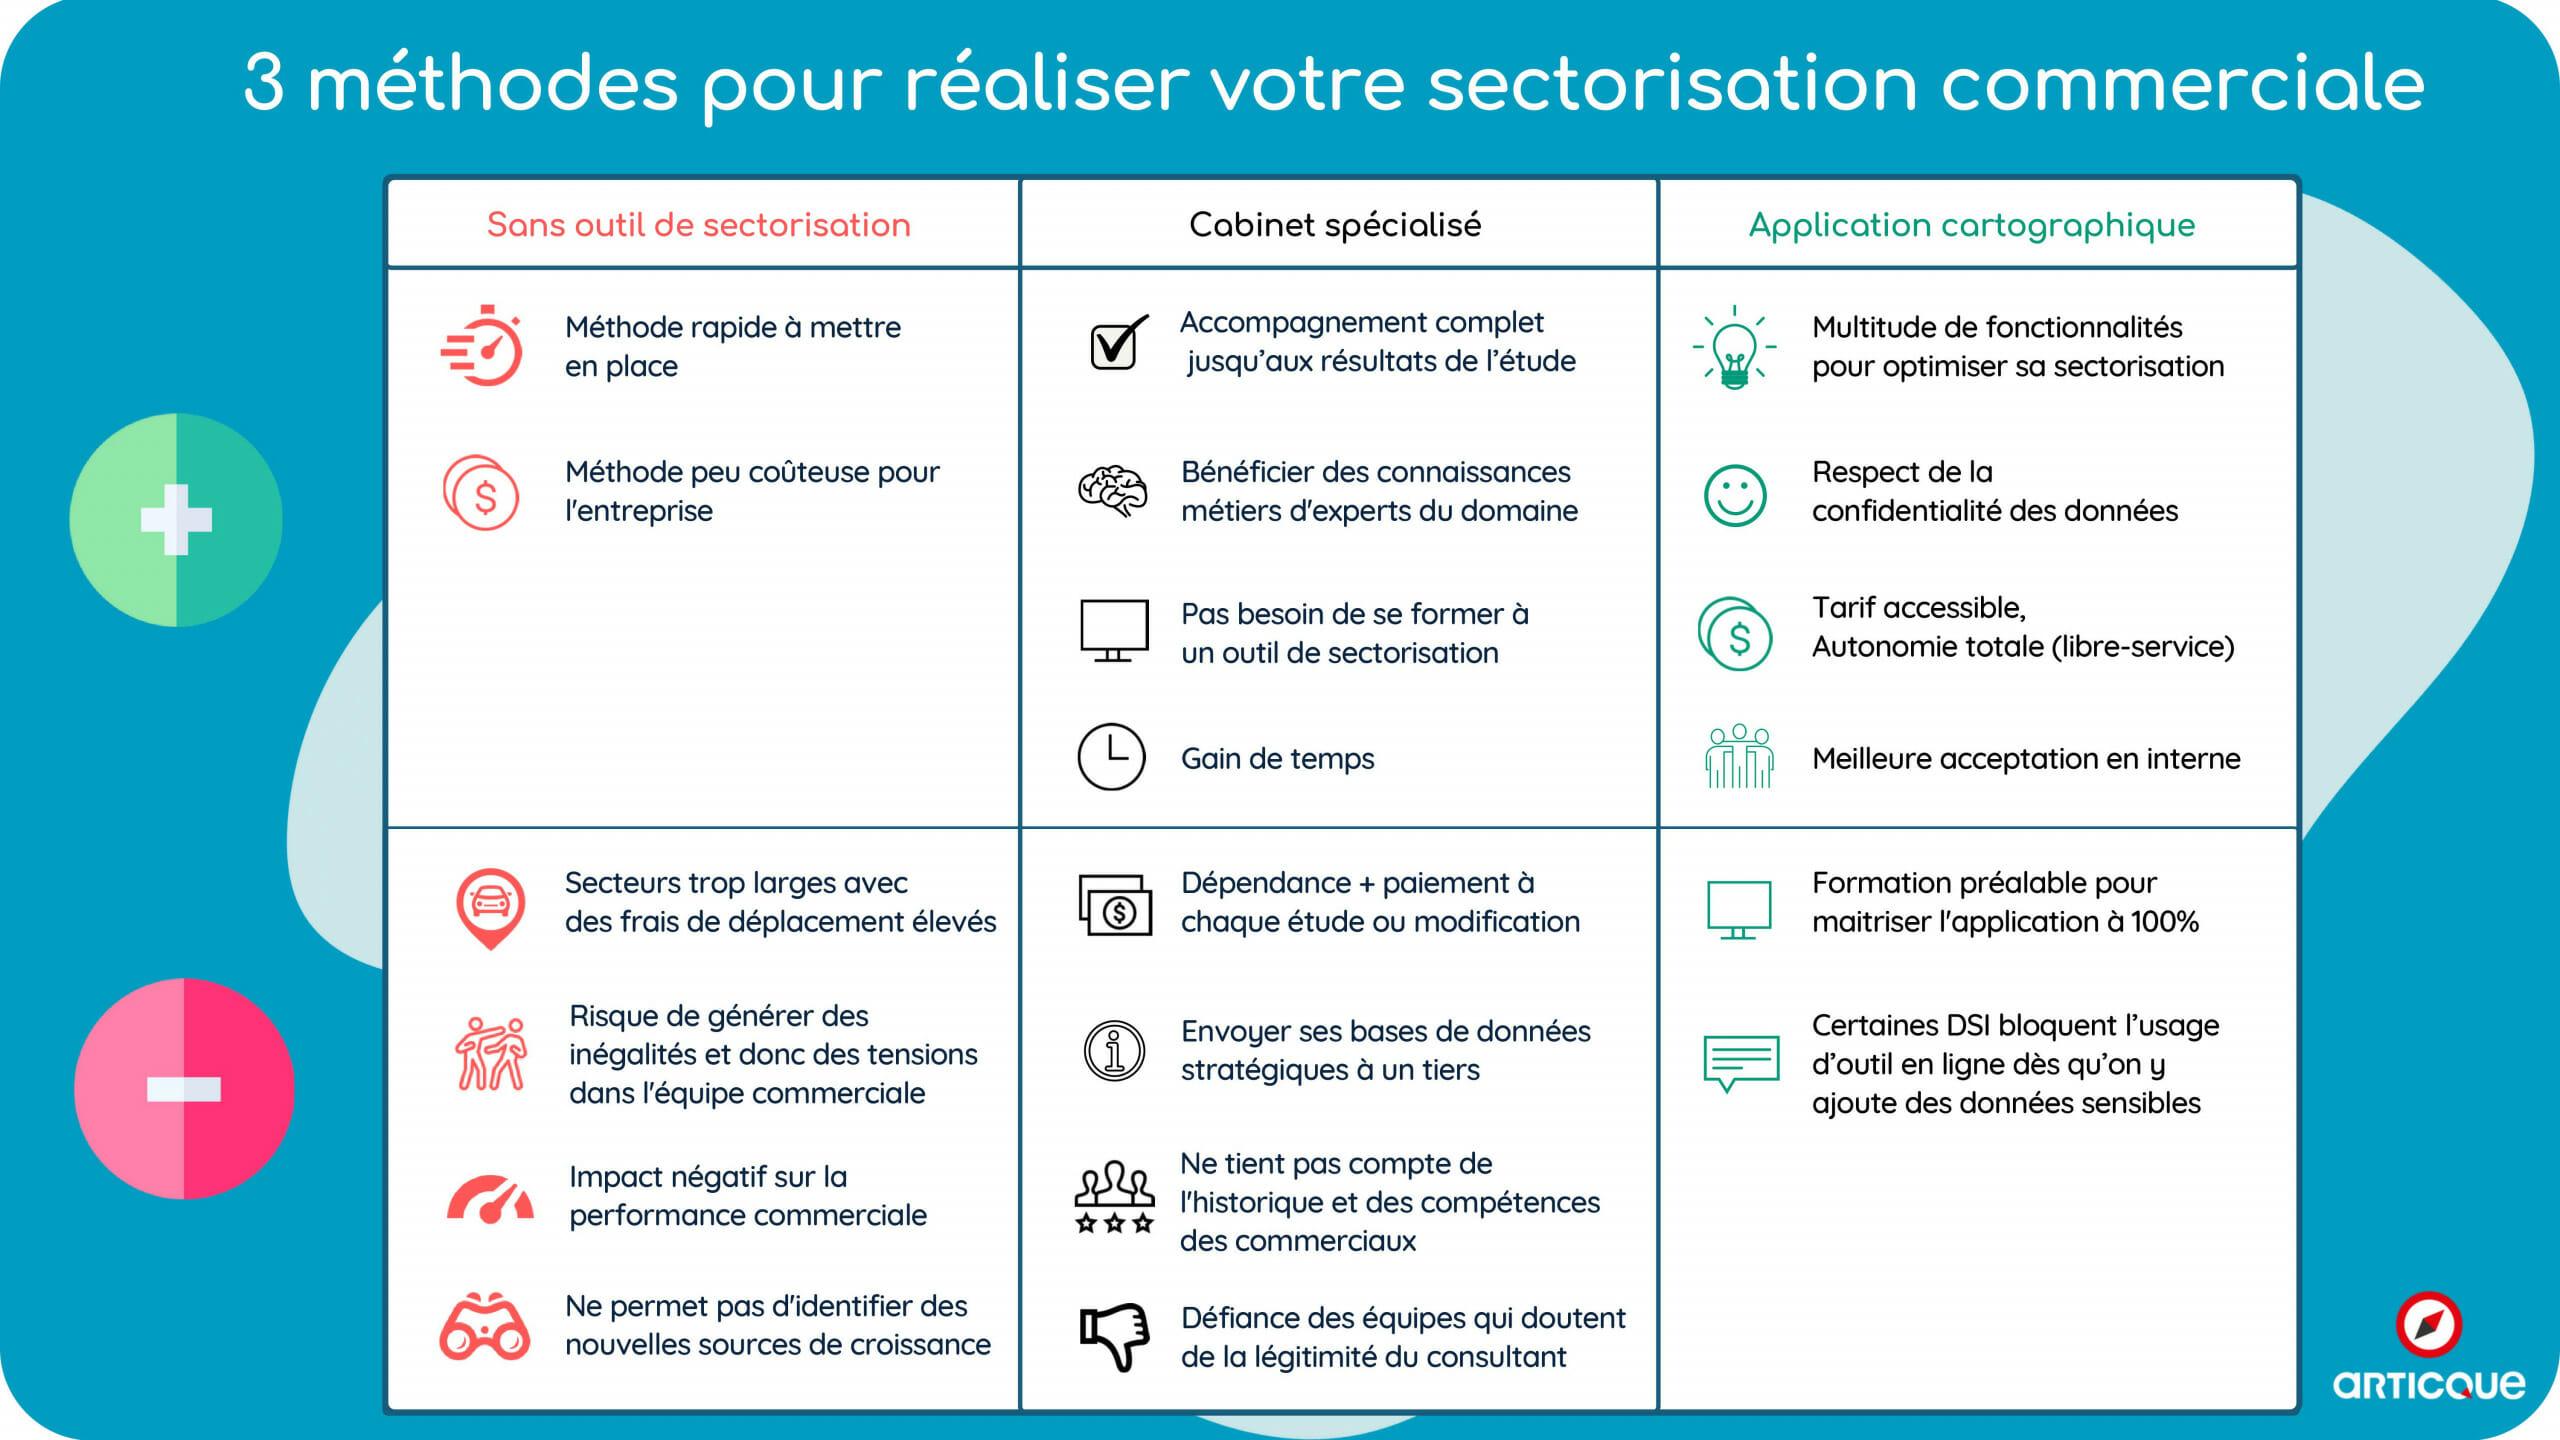 secteurs commerciaux et outil de sectorisation infographie